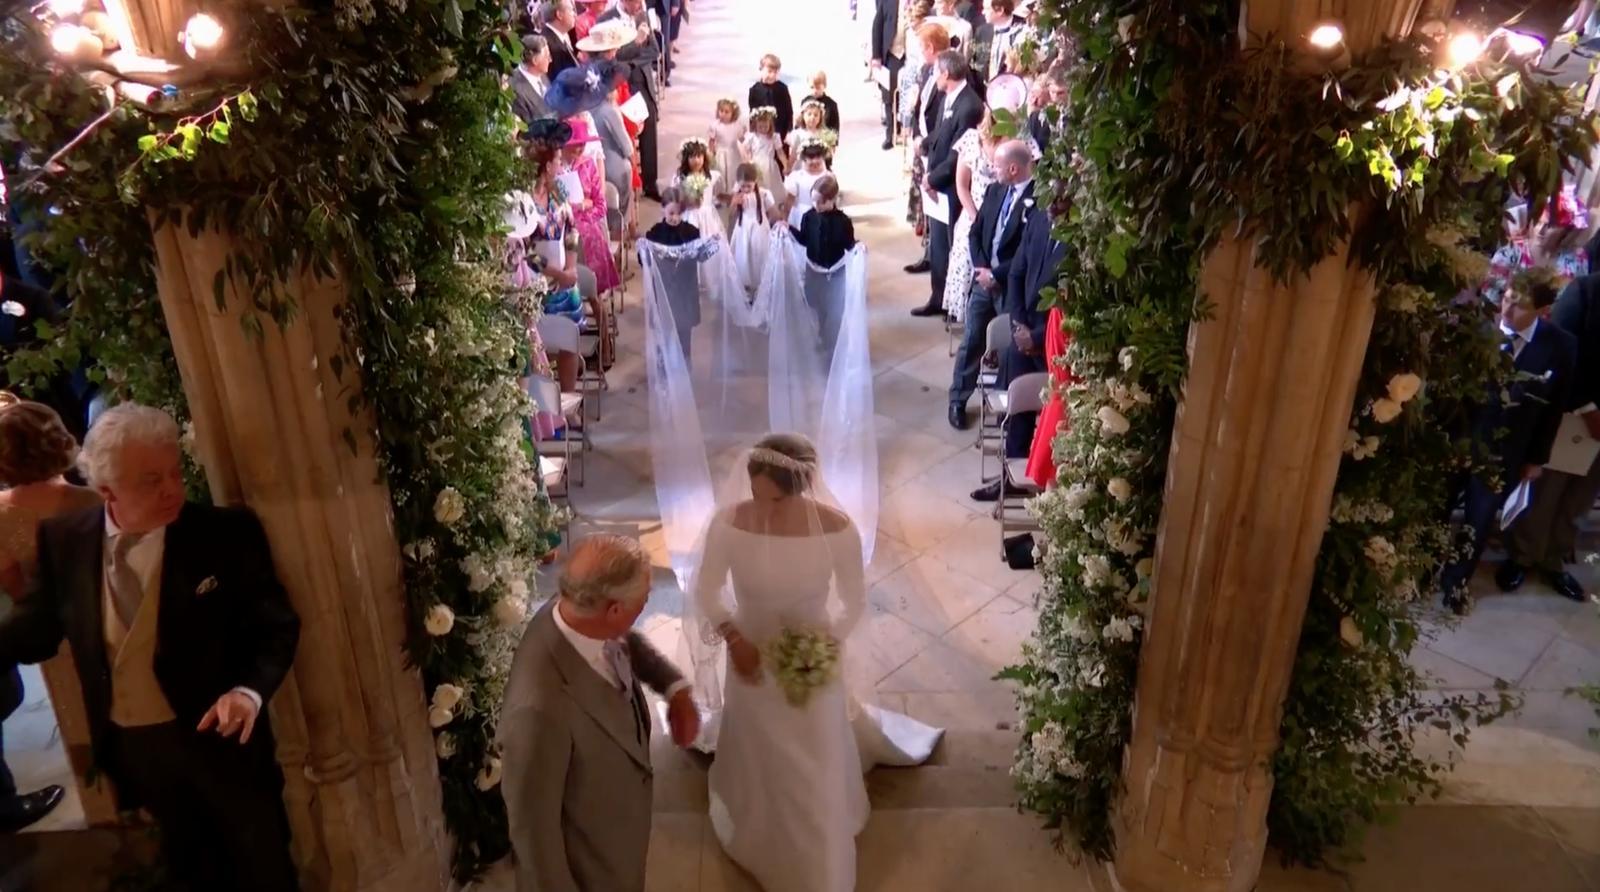 Kráľovská svadba Meghan a Harryho - Obrázok č. 71